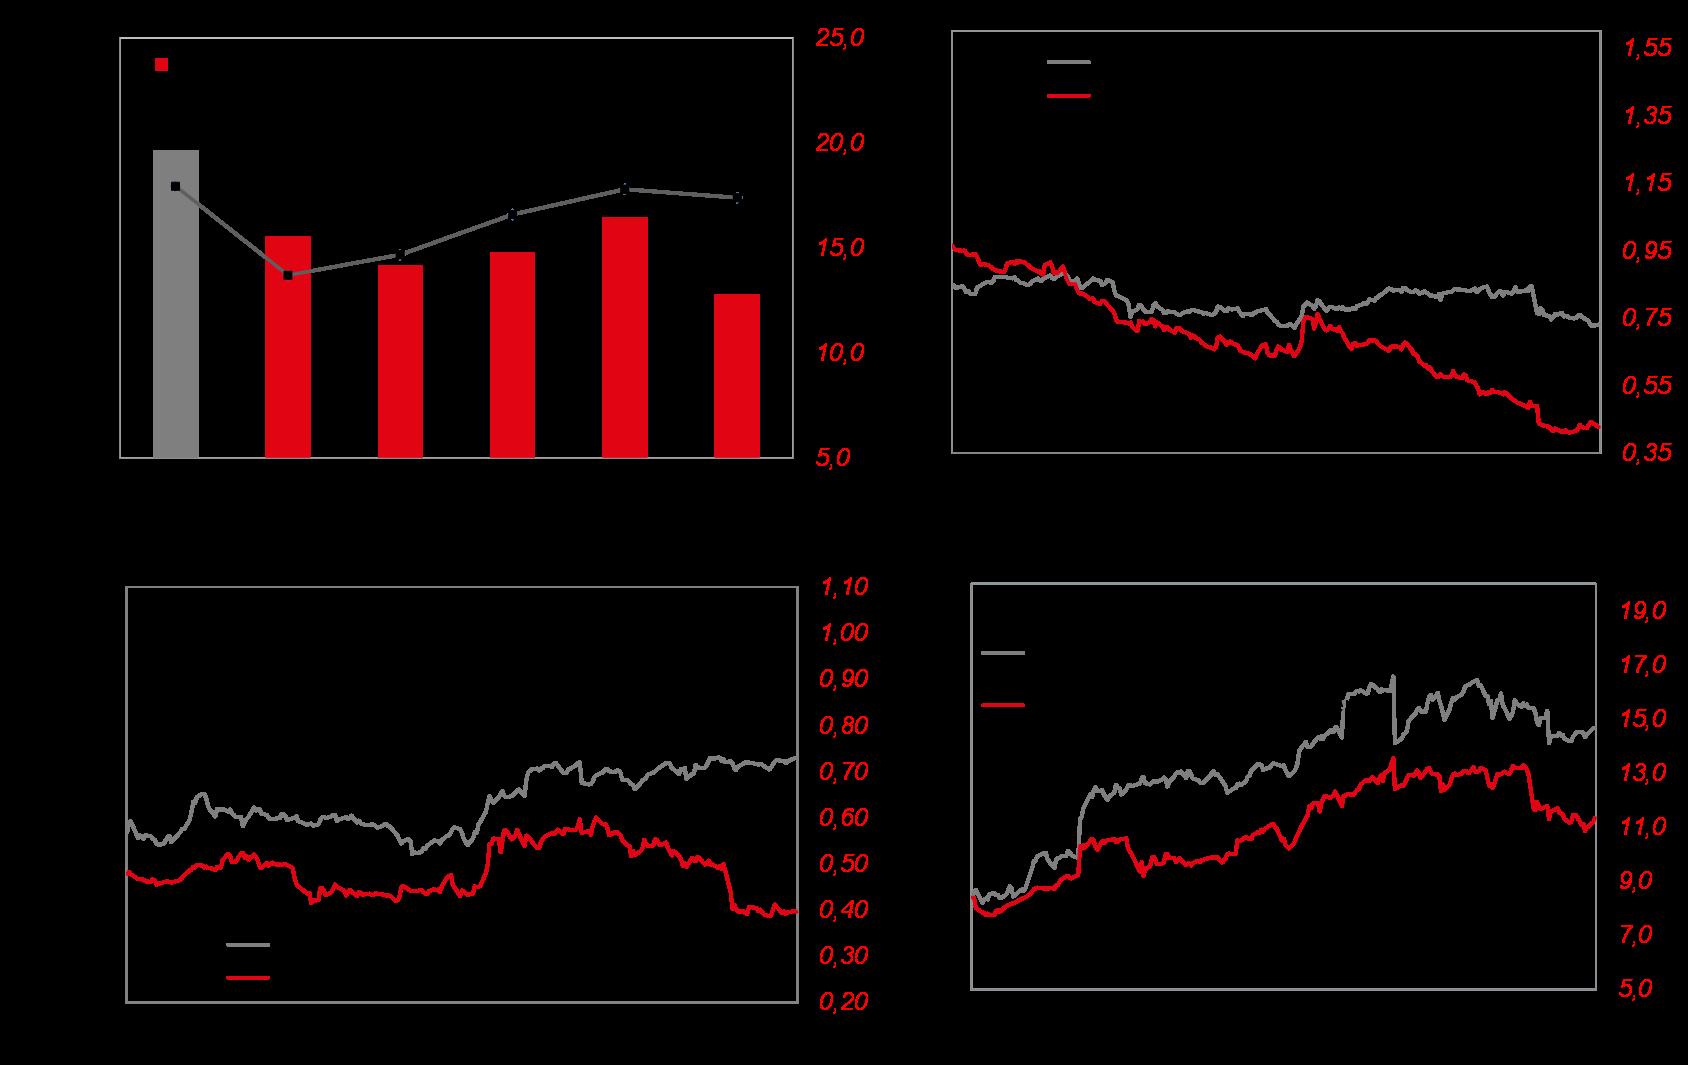 Küresel piyasalar güne pozitif risk iştahı ile başlıyor ÇağrıMerkezin